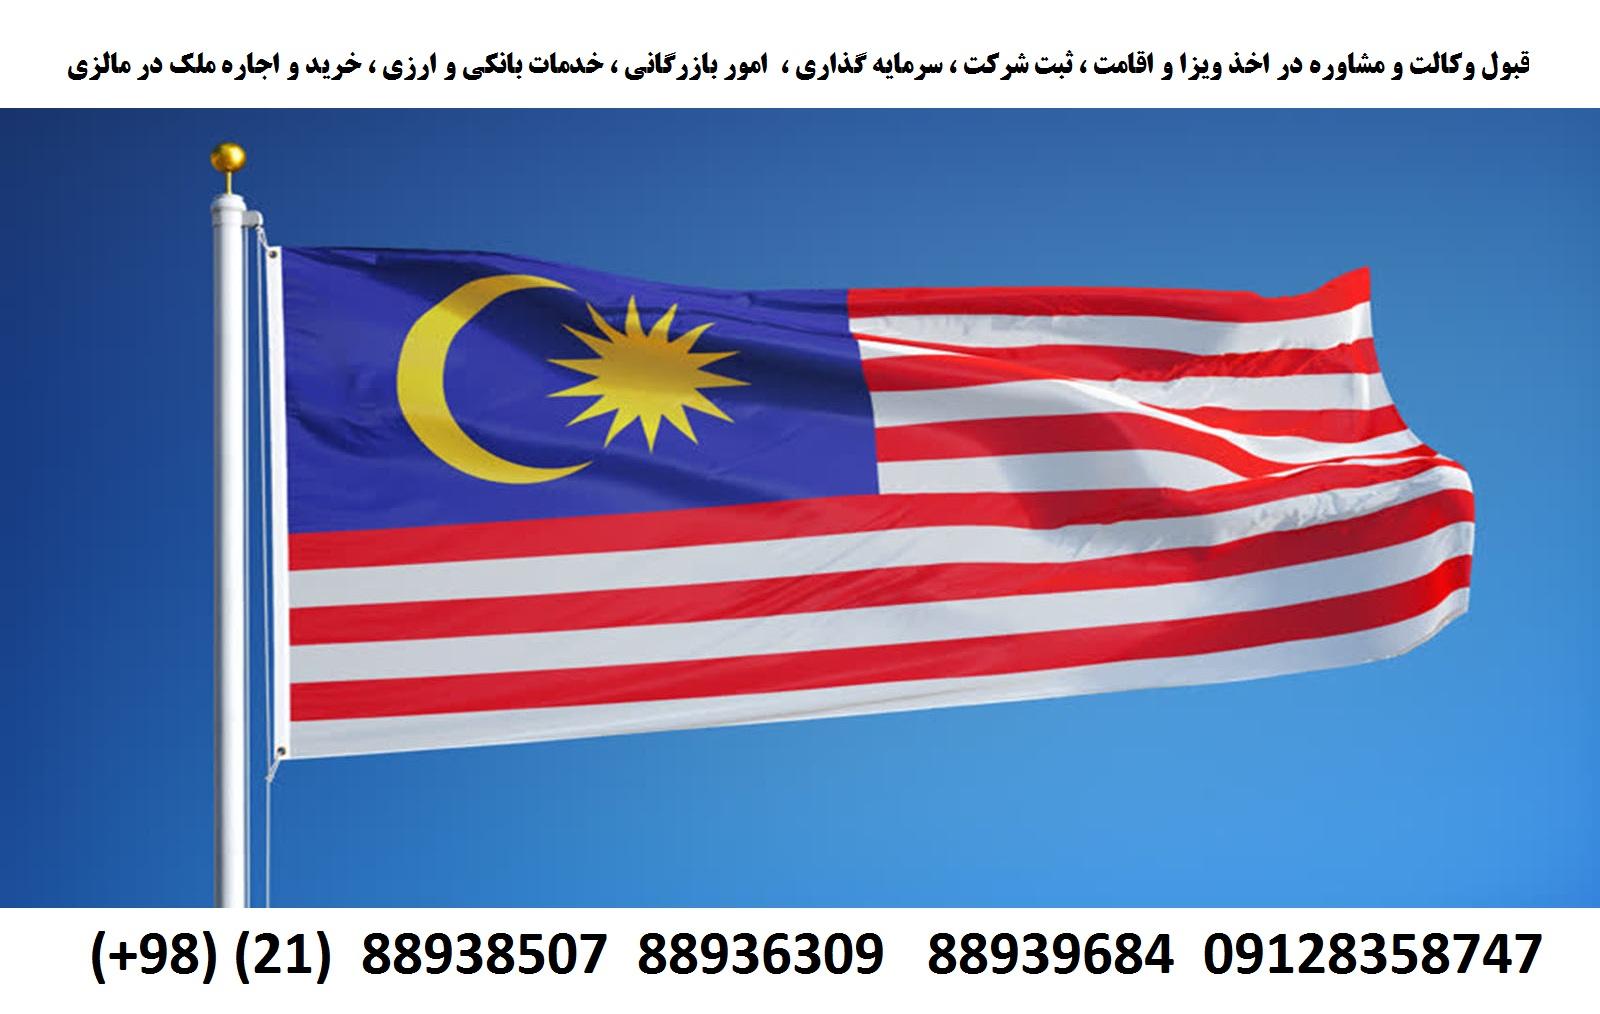 اقامت ، ویزا ،ثبت شرکت ، سرمایه گذاری در مالزی (1)